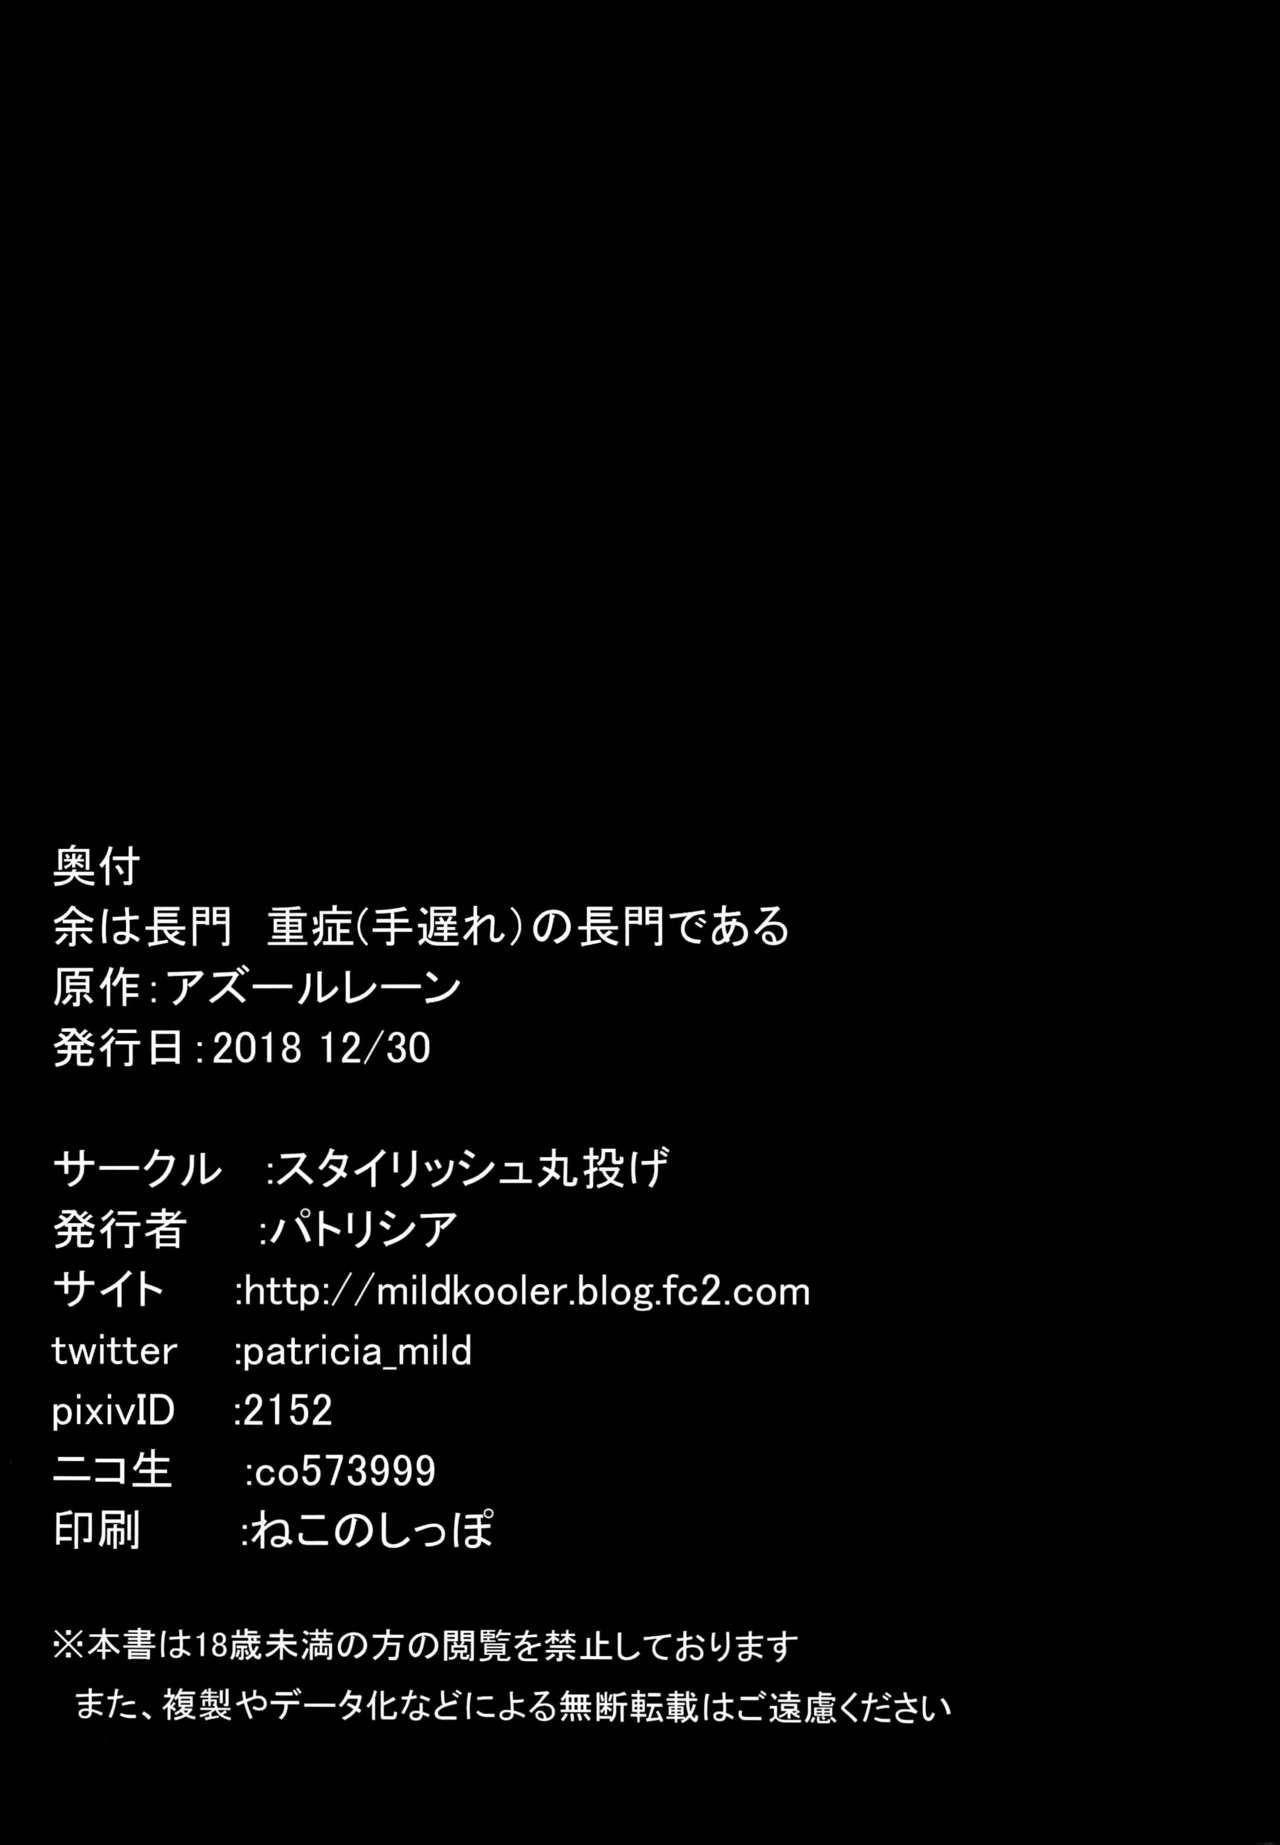 (C95) [Stylish Marunage (Patricia)] Yo wa Nagato Juushou (Teokure) no Nagato de Aru (Azur Lane) 24